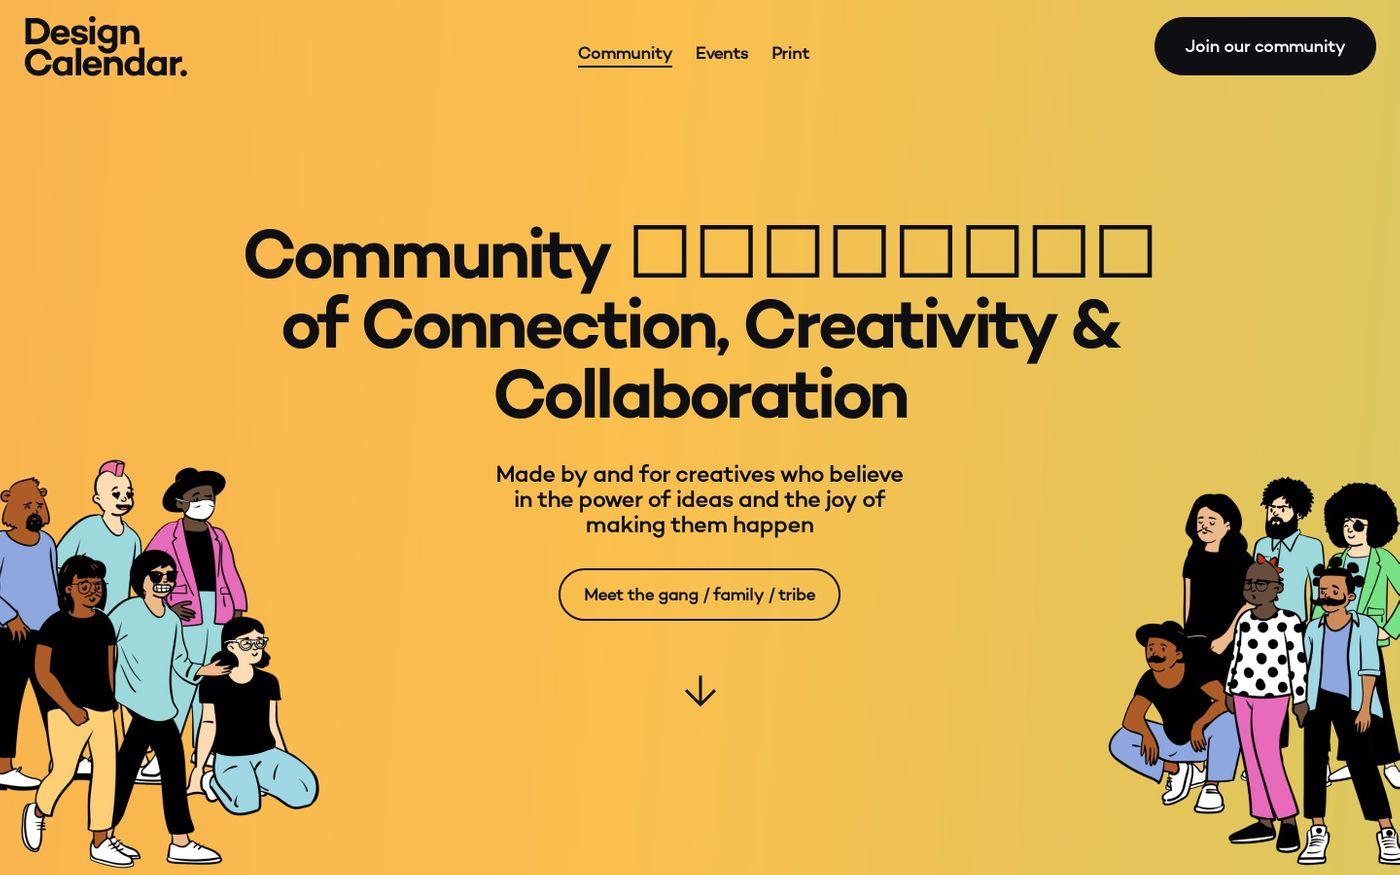 Screenshot of Design Calendar website